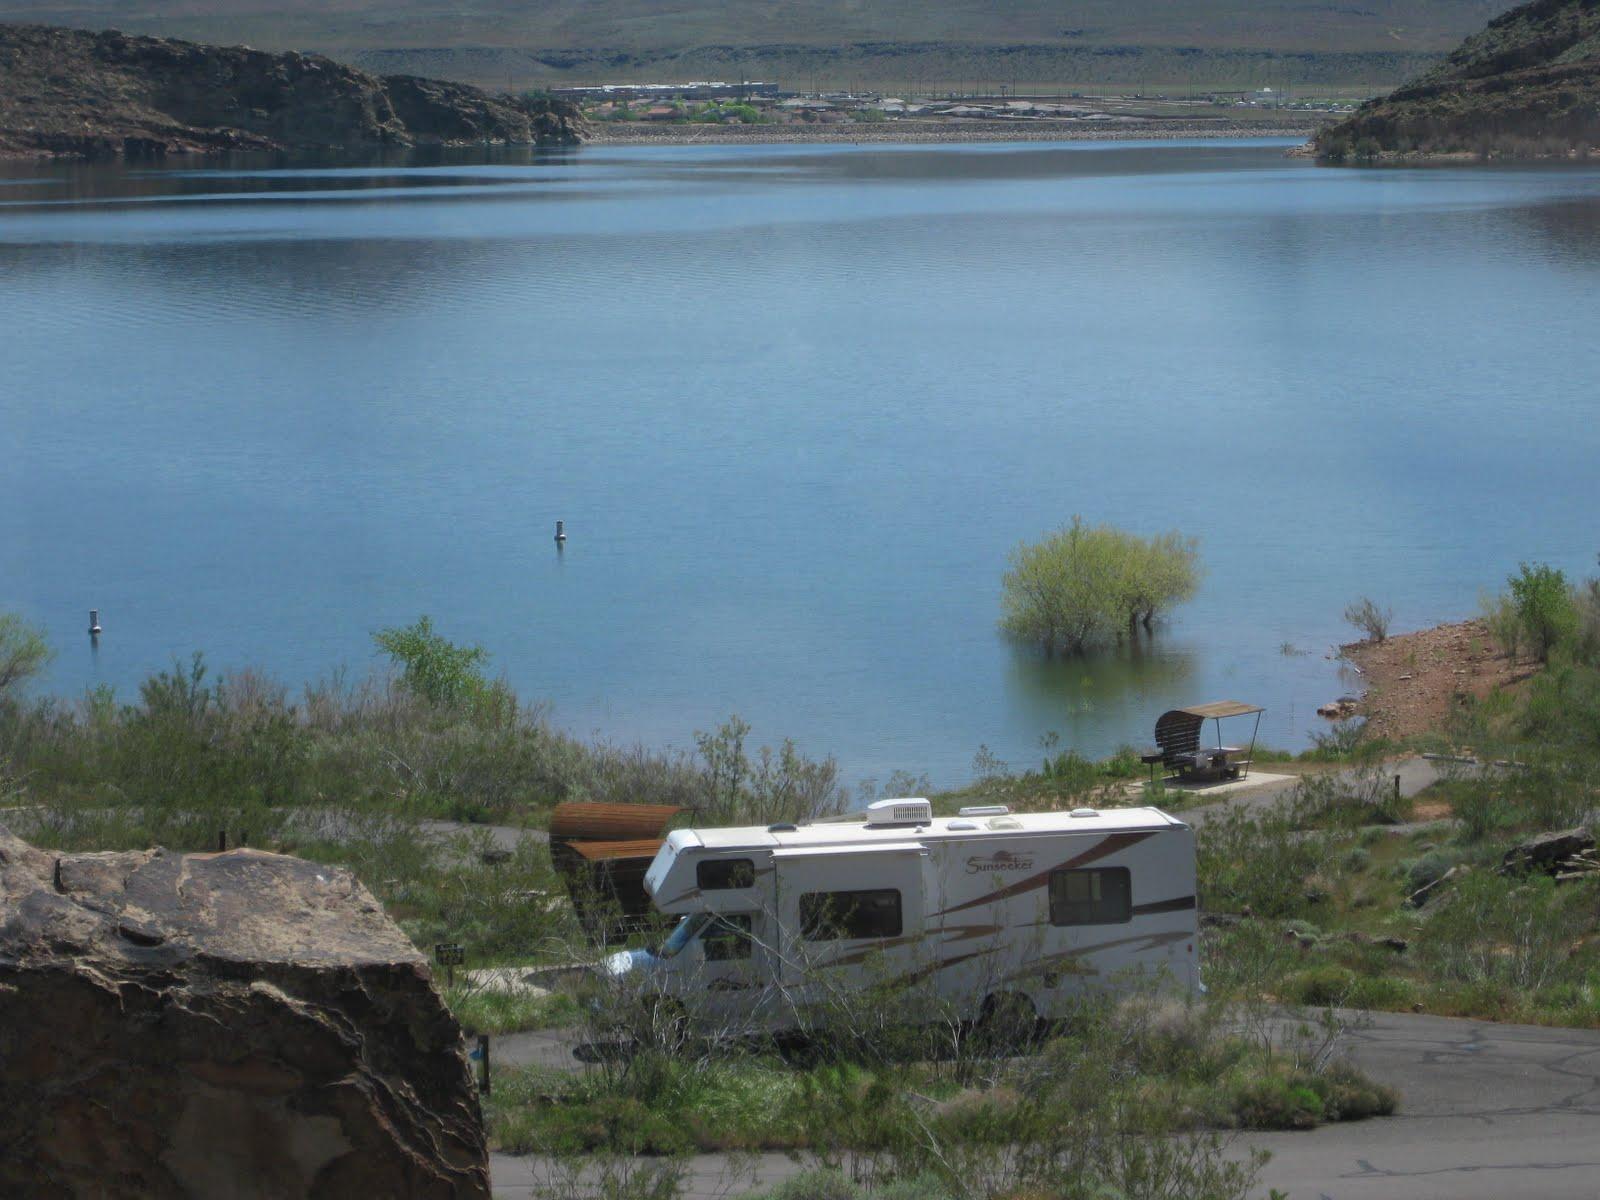 Spring City Utah Camping